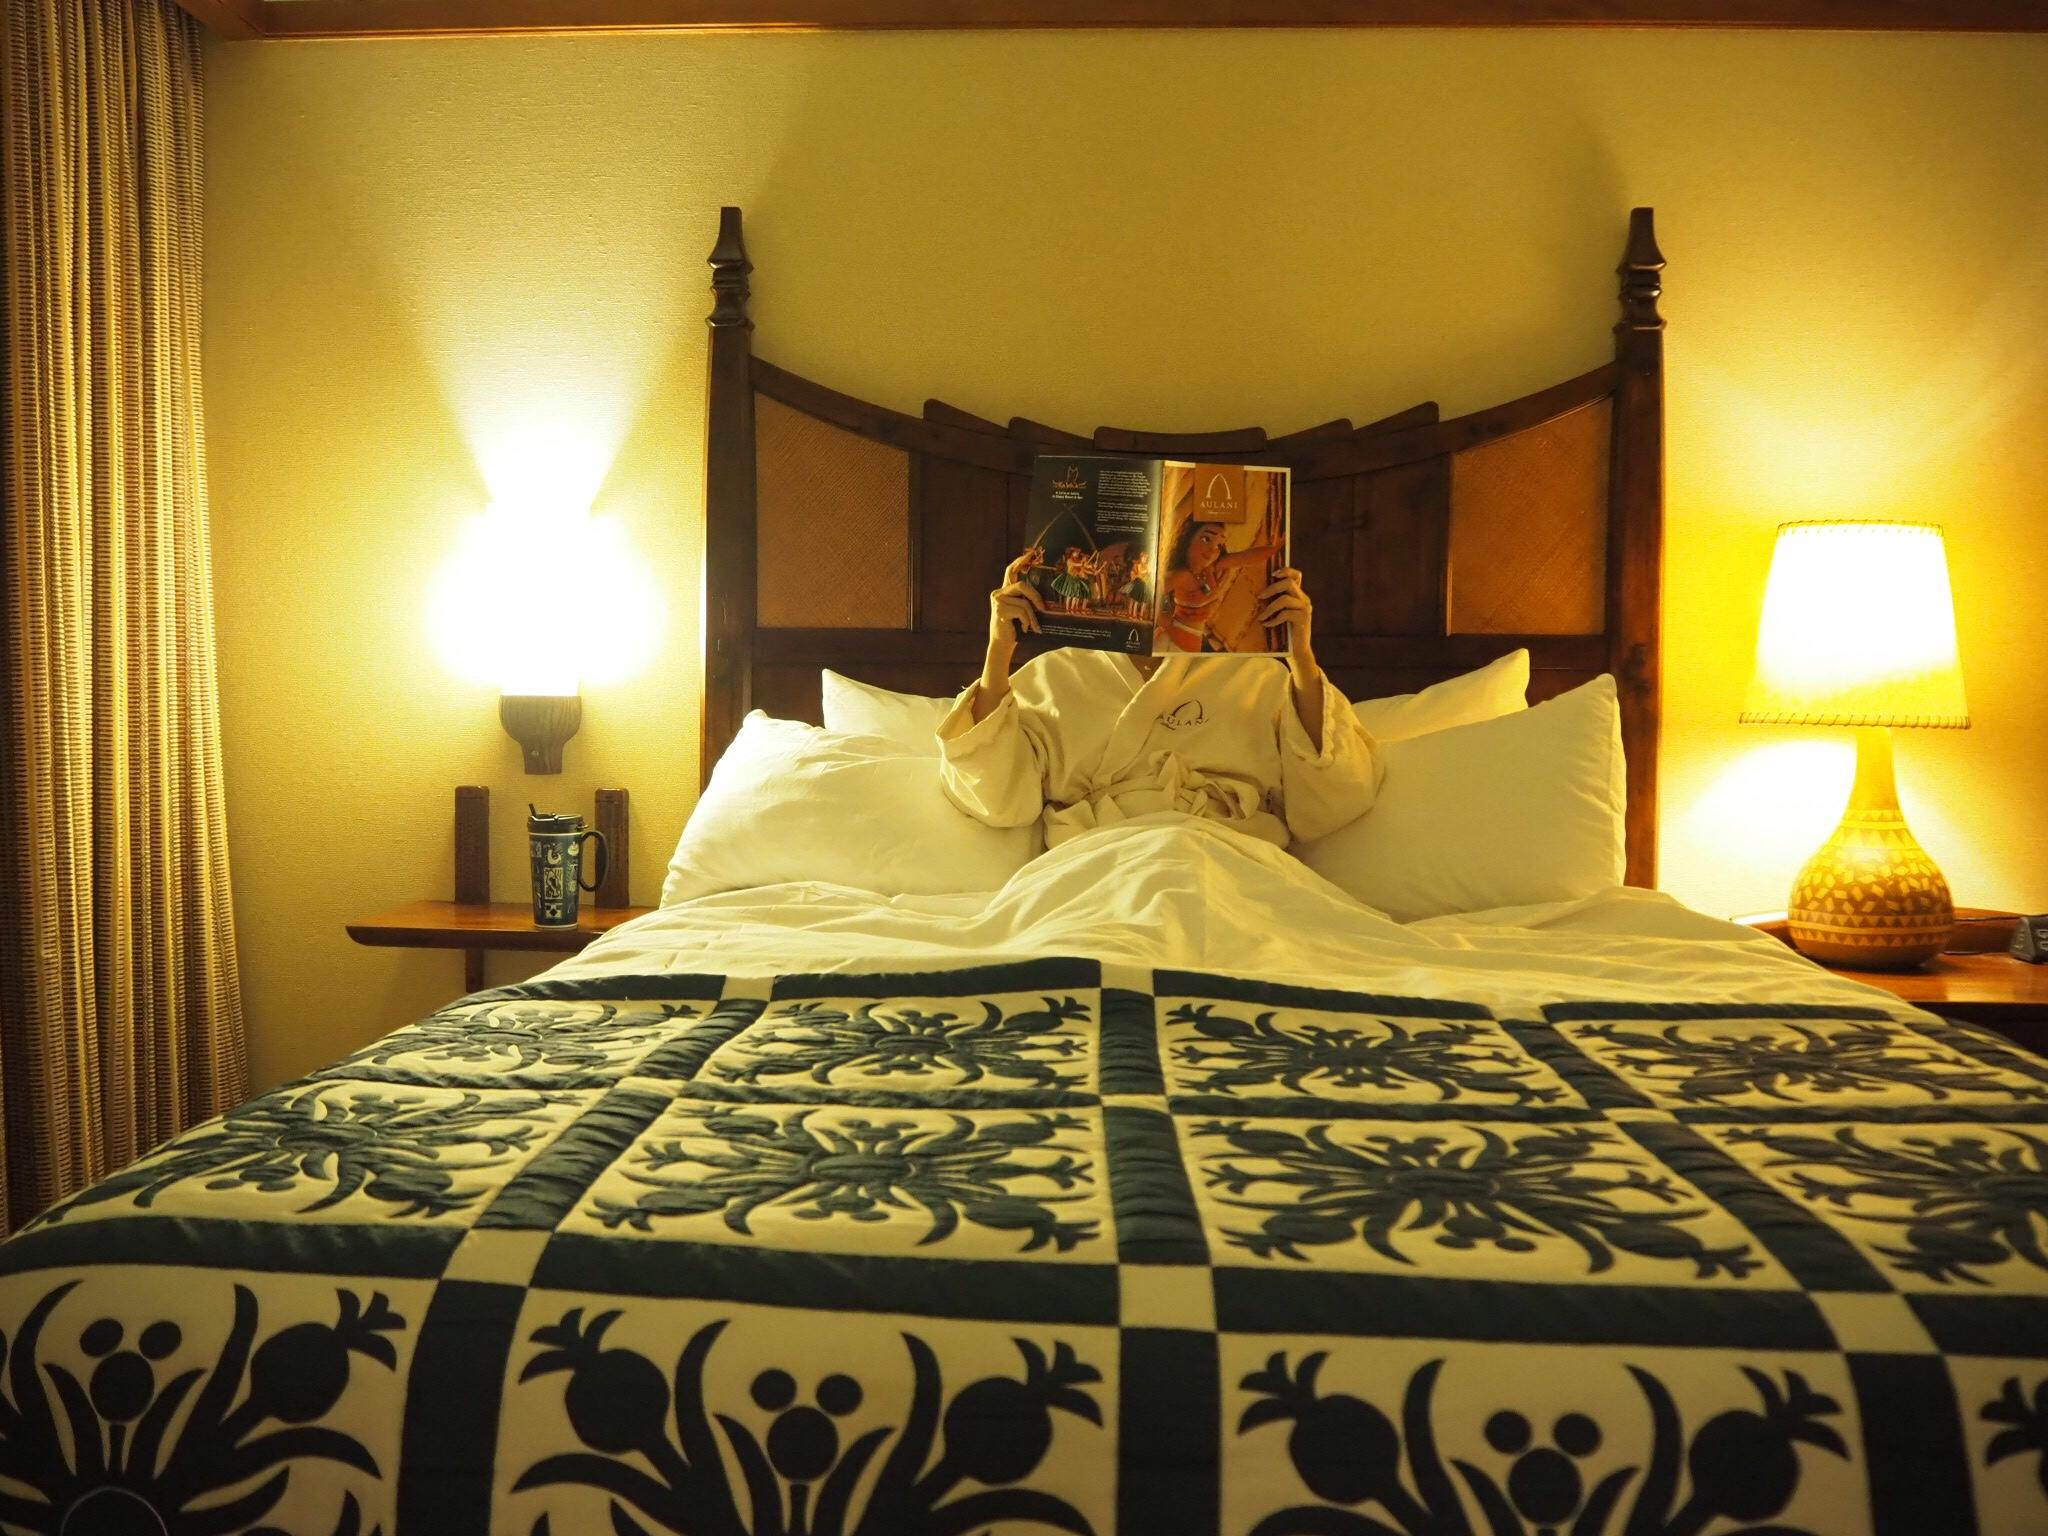 img 2853 - Aulani, A Disney Resort & Spa  - 家族で、女子旅で泊まりたい!ディズニーマジックのかかったハワイのリゾート